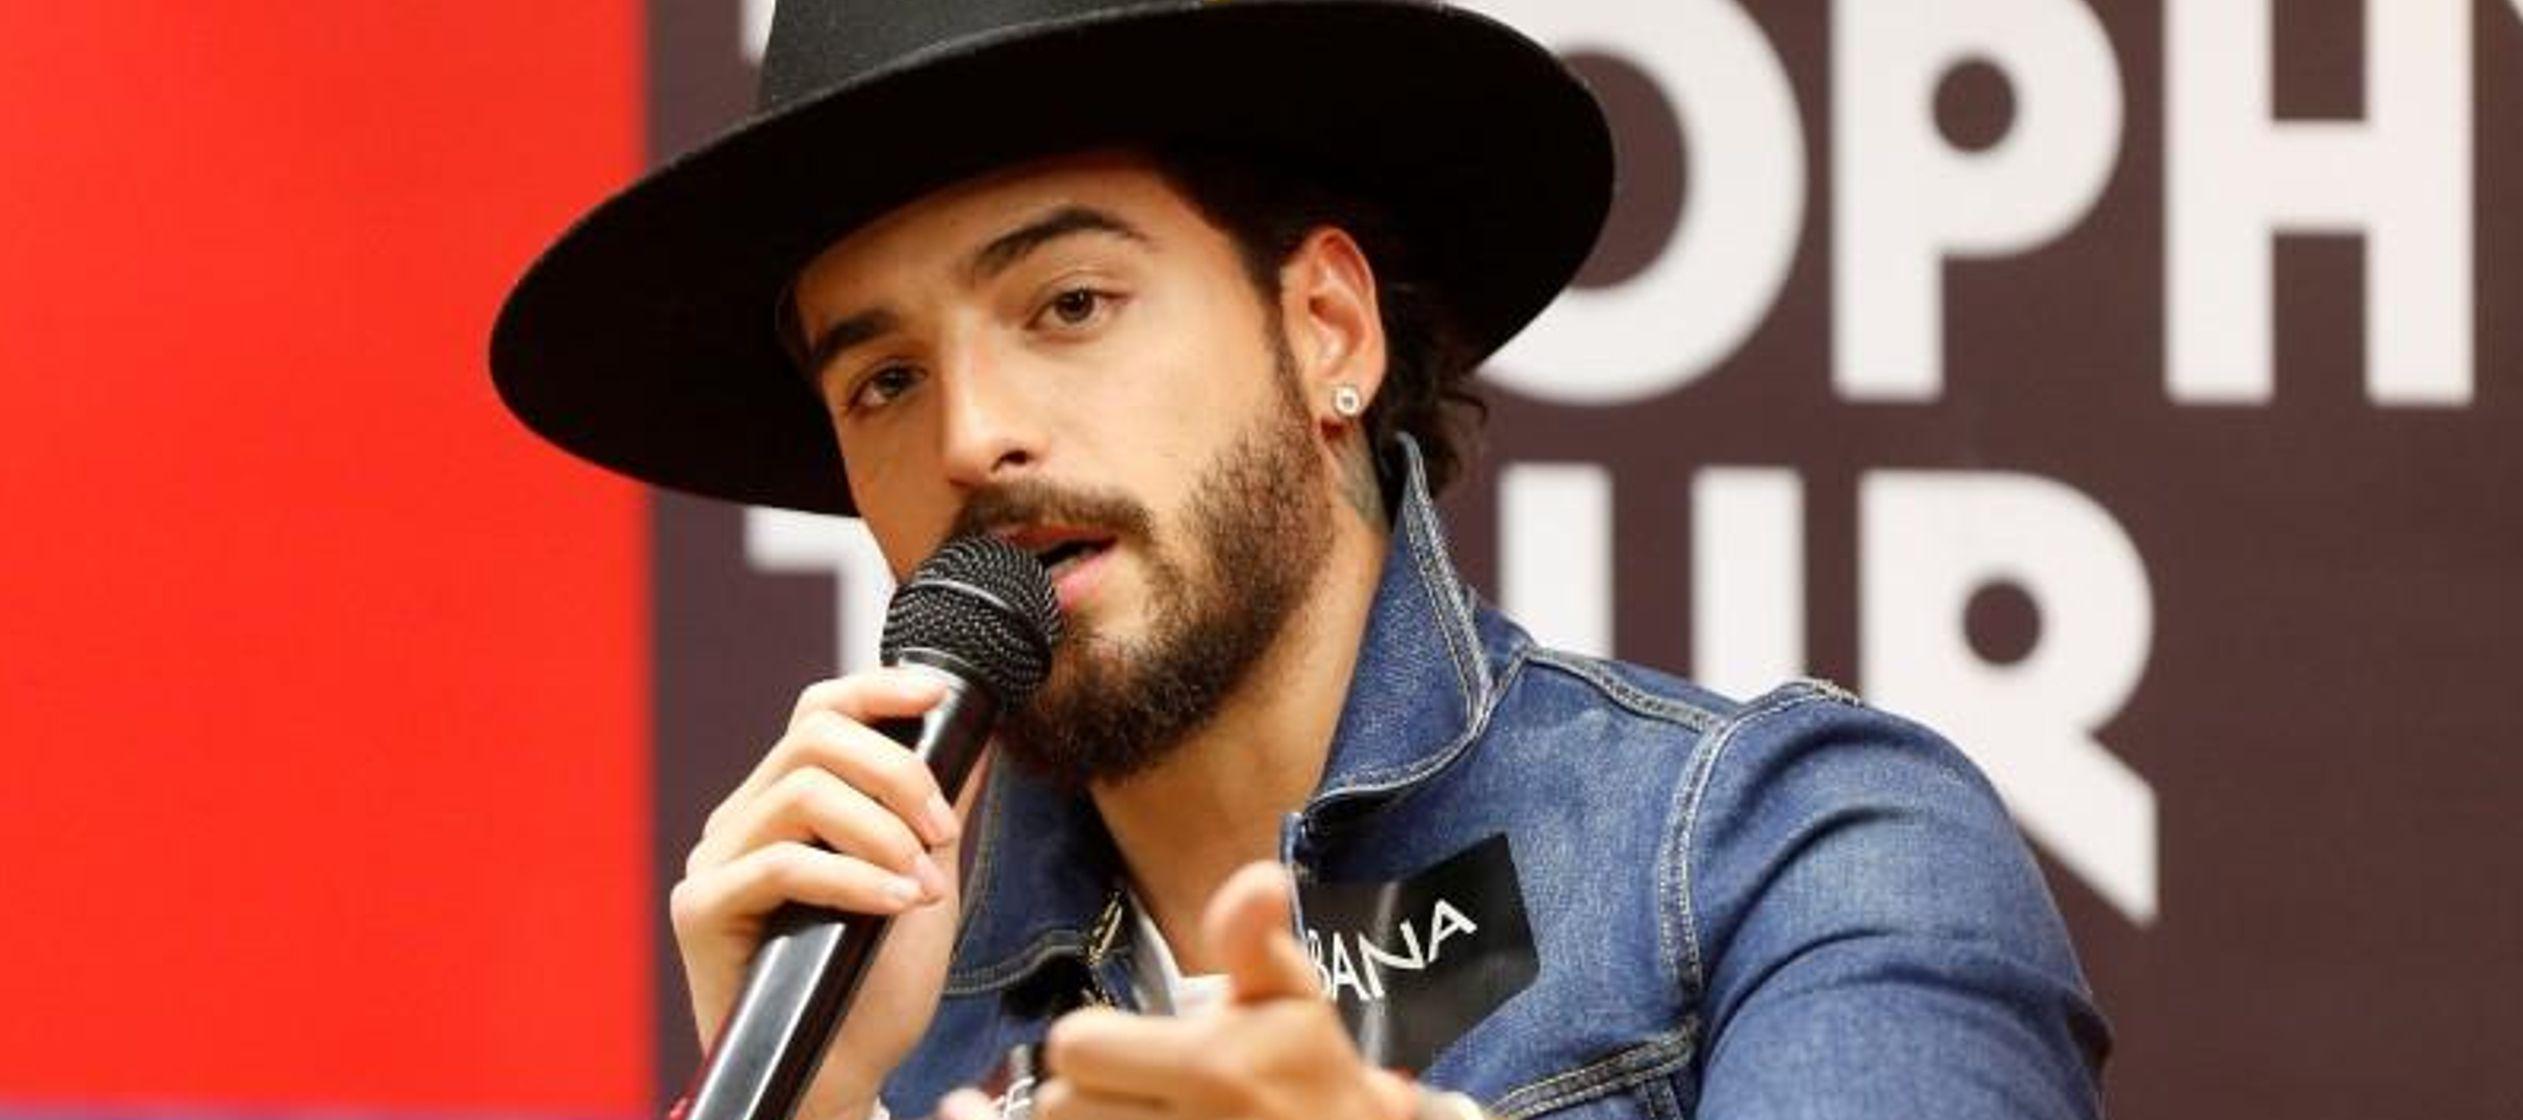 Roban 785,000 dólares en artículos de lujo a cantante colombiano Maluma durante el Mundia